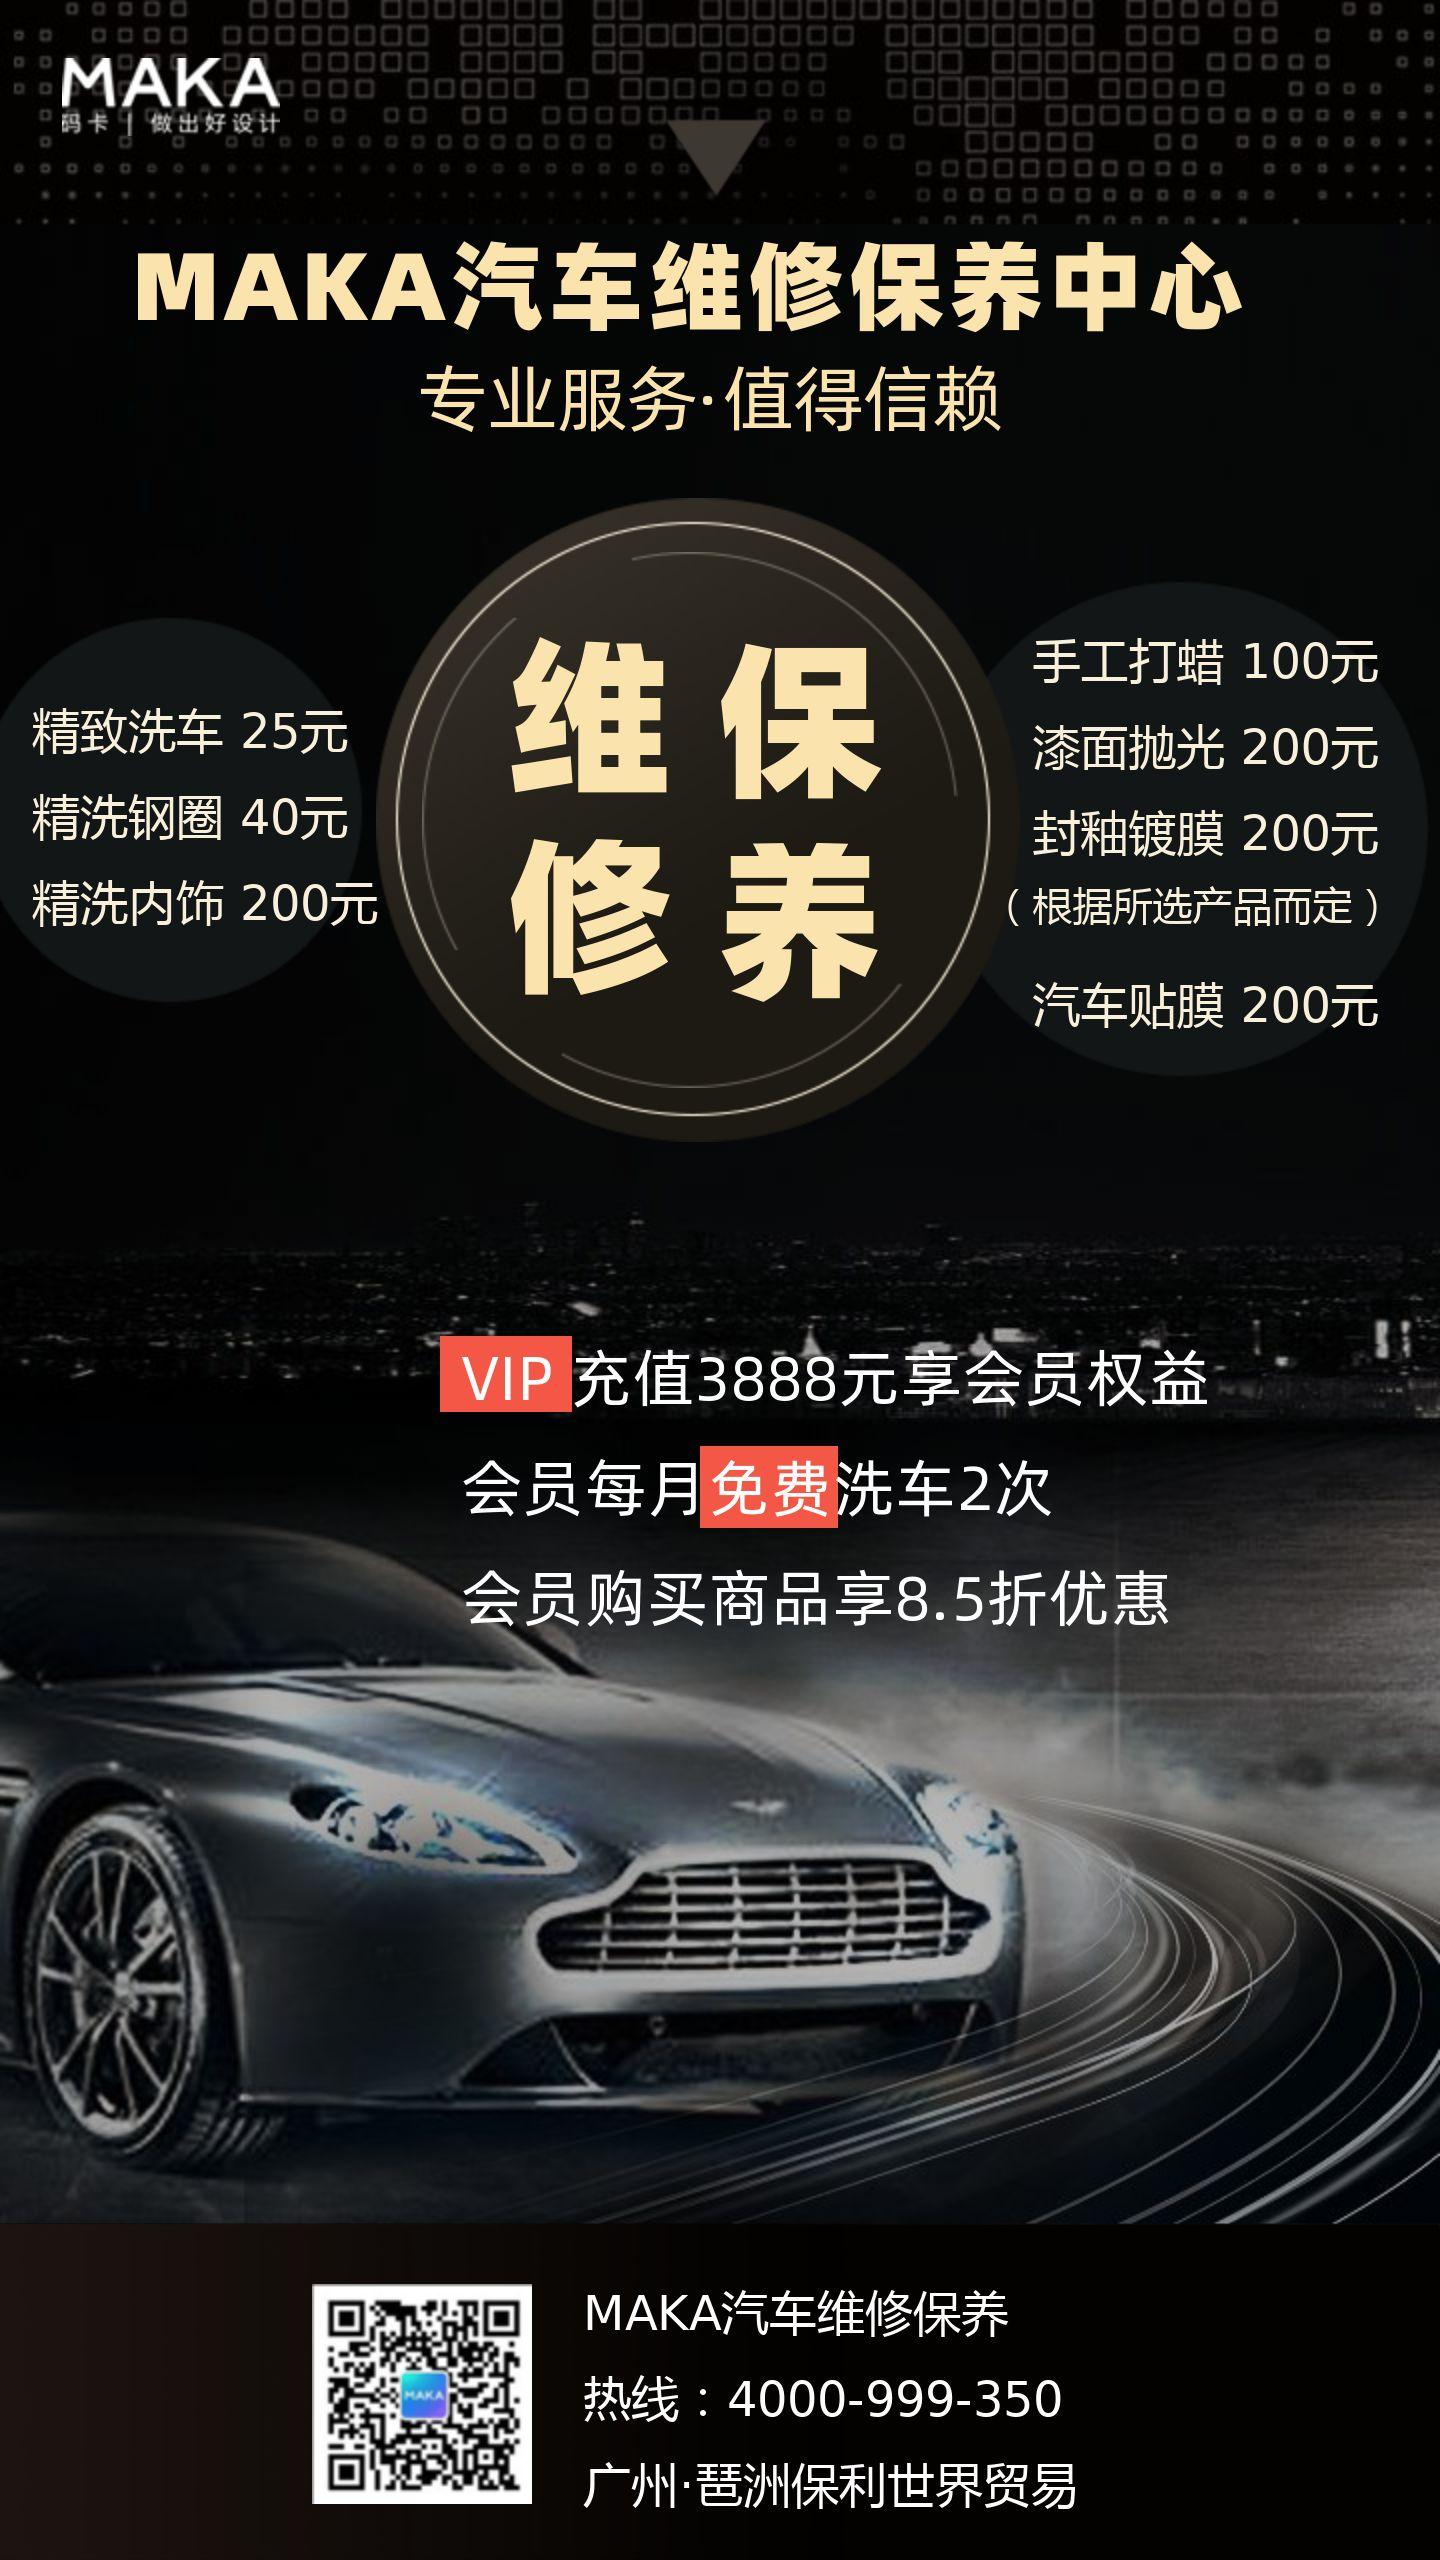 黑色高端大气汽车维修保养价目表手机宣传海报